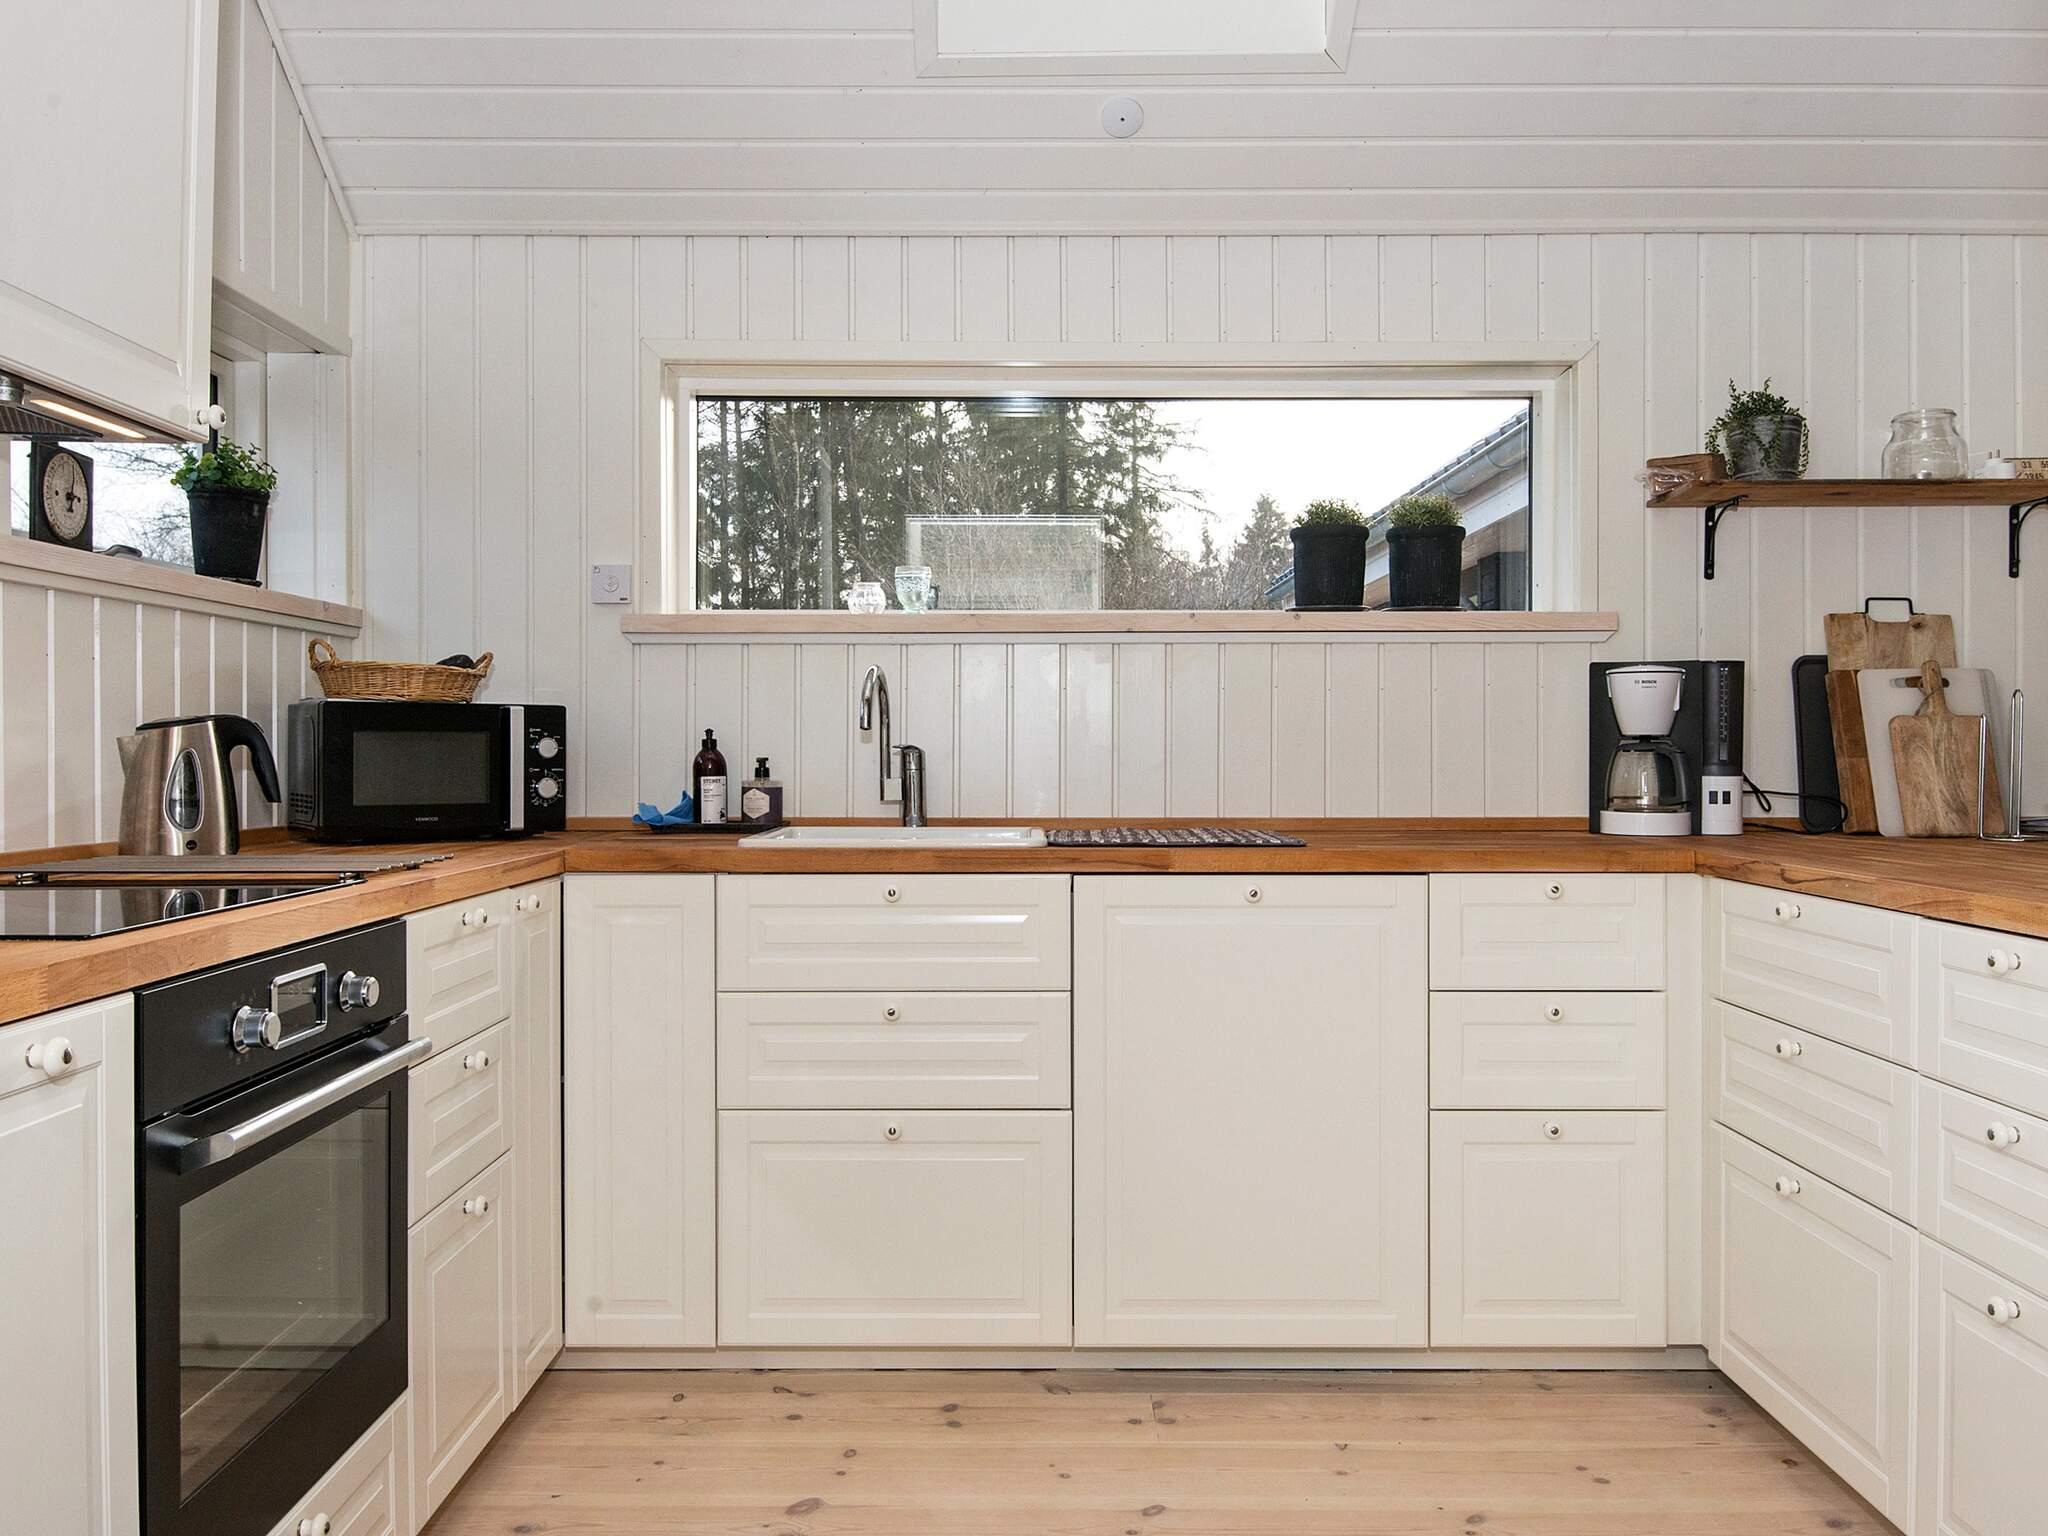 Ferienhaus Silkeborg (2523581), Silkeborg, , Ostjütland, Dänemark, Bild 2